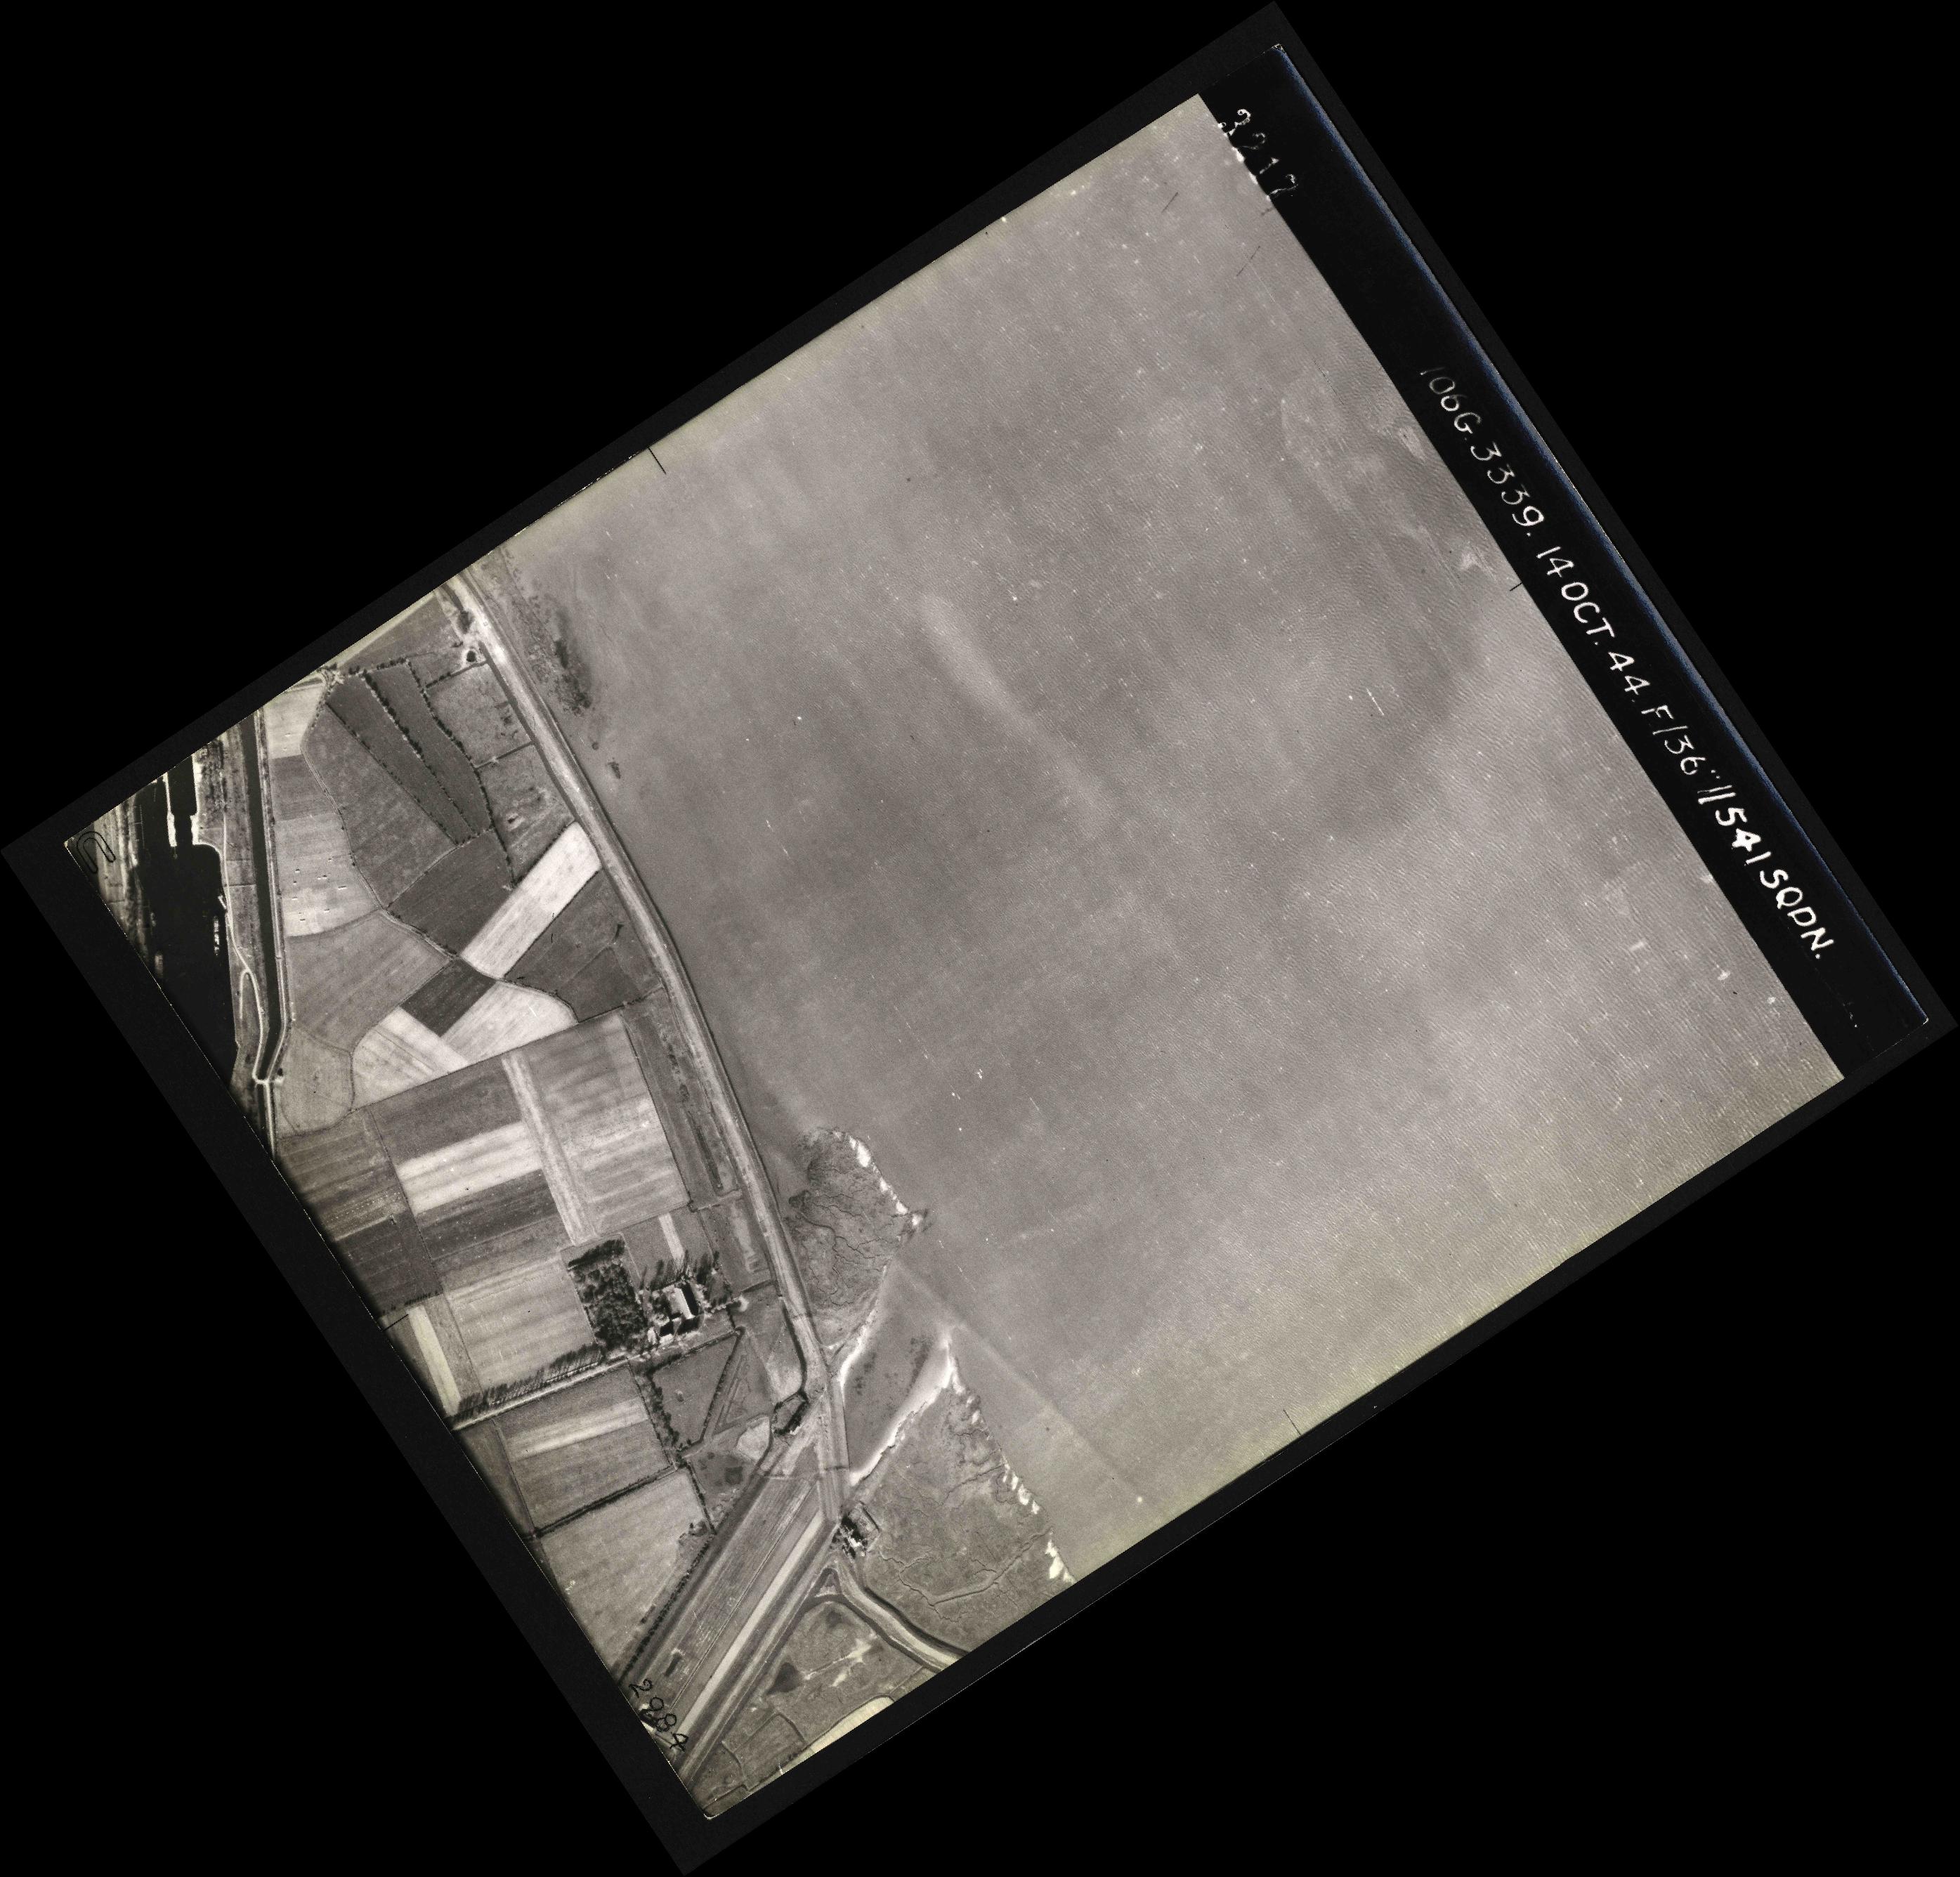 Collection RAF aerial photos 1940-1945 - flight 042, run 02, photo 3217